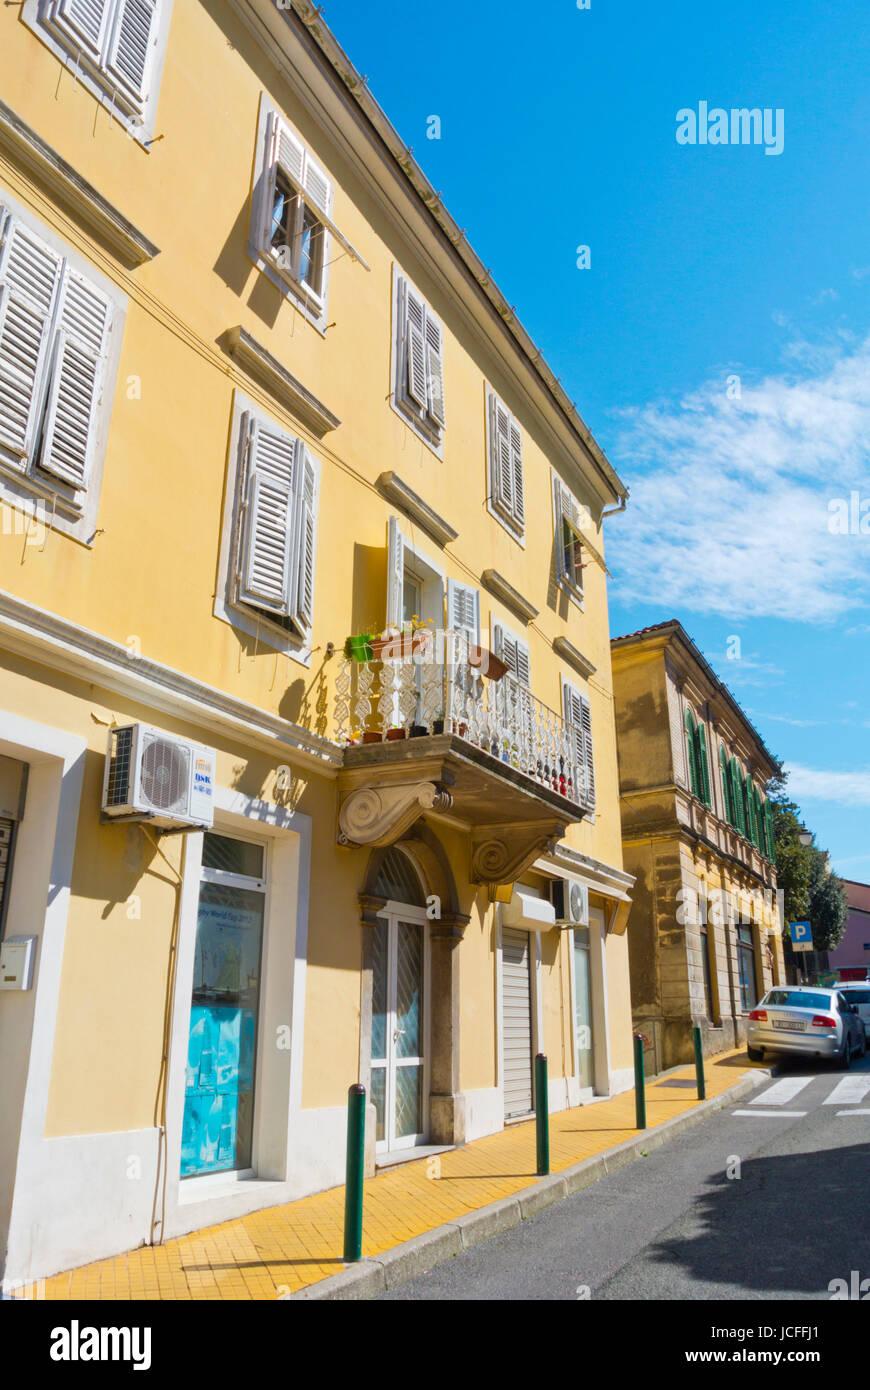 Volosko, einem Stadtteil von Opatija, Kvarner Bucht, Kroatien Stockbild